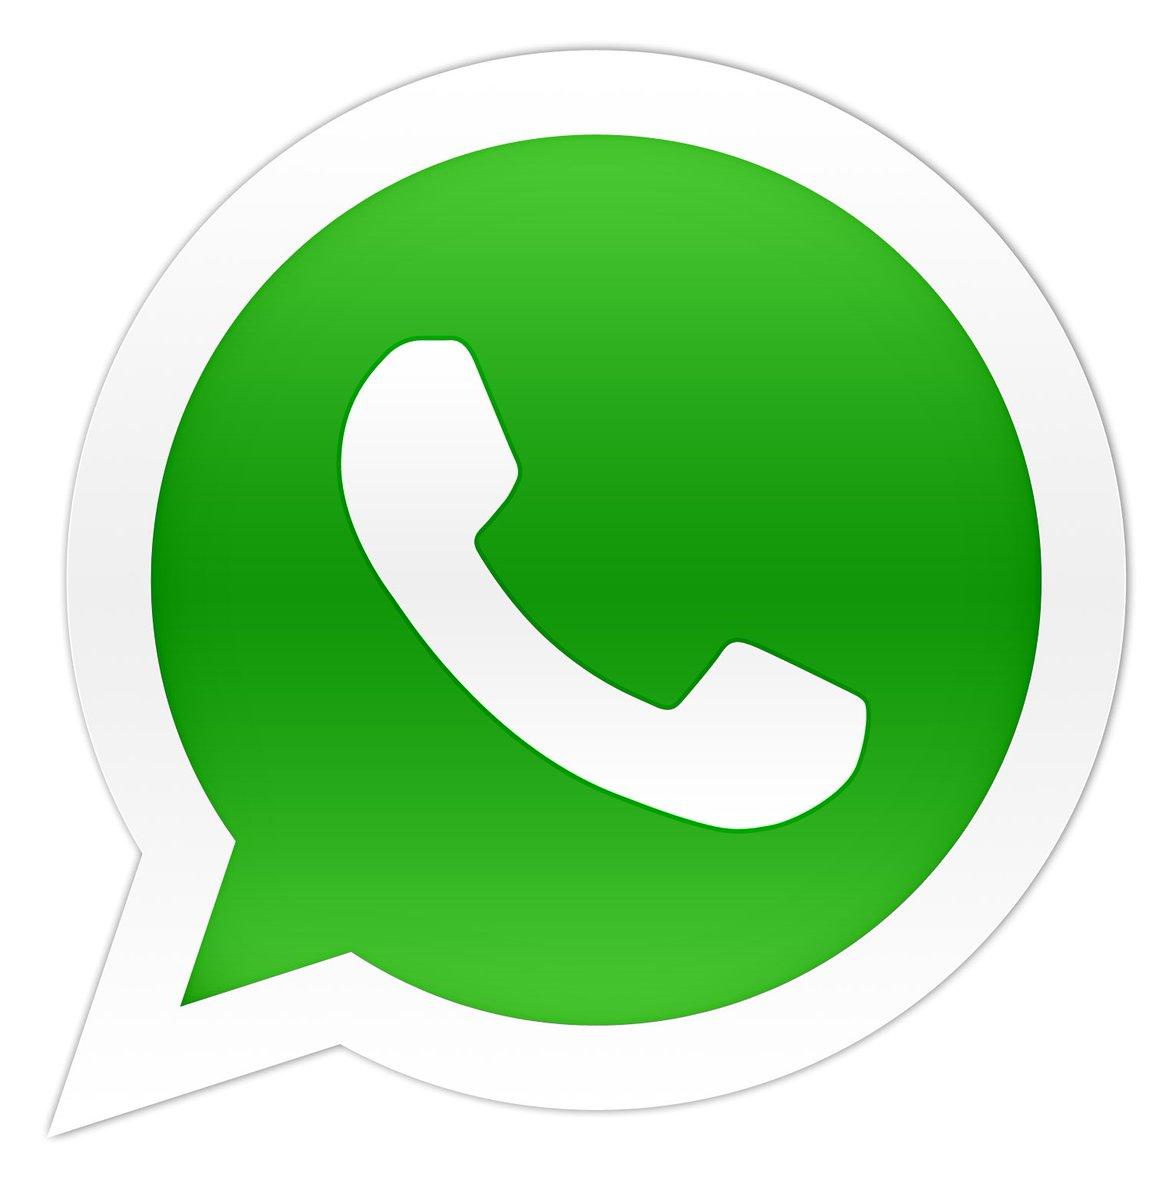 إسرائيل تتجسس على واتساب والتطبيق يحث مستخدميه على التحديث